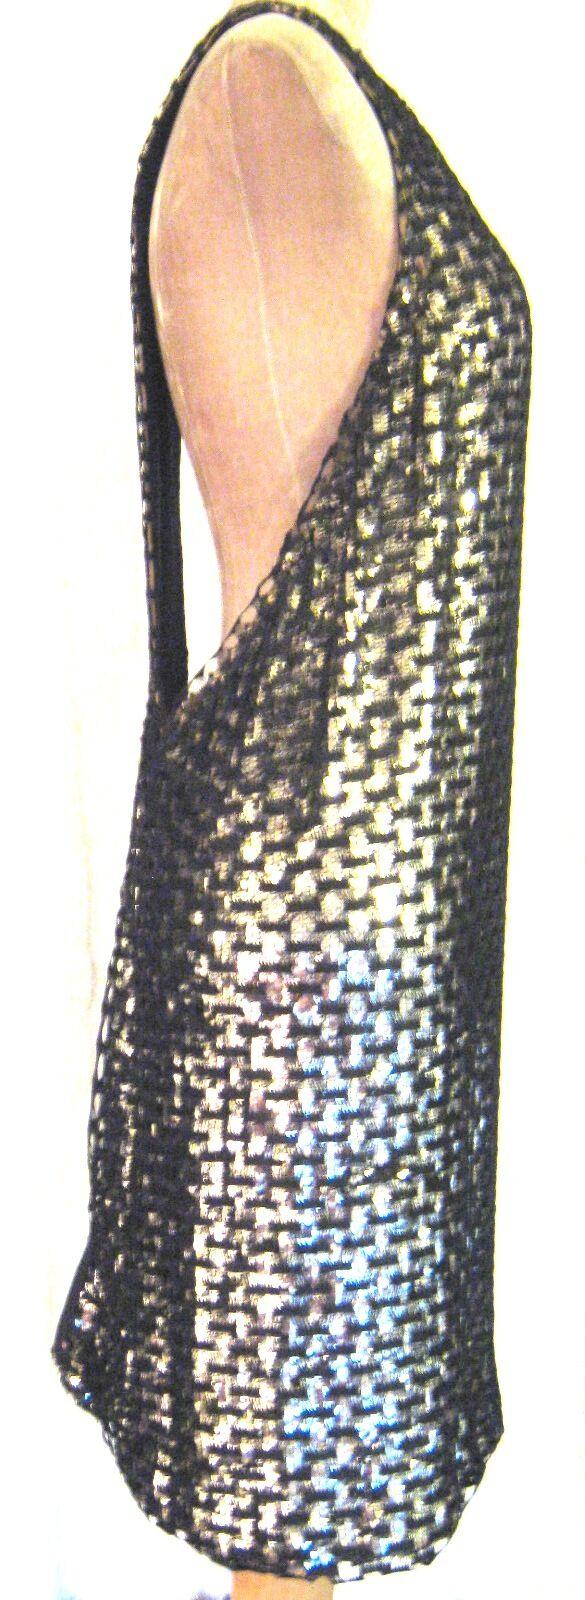 Vestido De Fiesta PVP  Topshop única Sin Espalda Espalda Espalda Sexy Lentejuelas Crochet Negro Espalda Deportiva 2f9cde